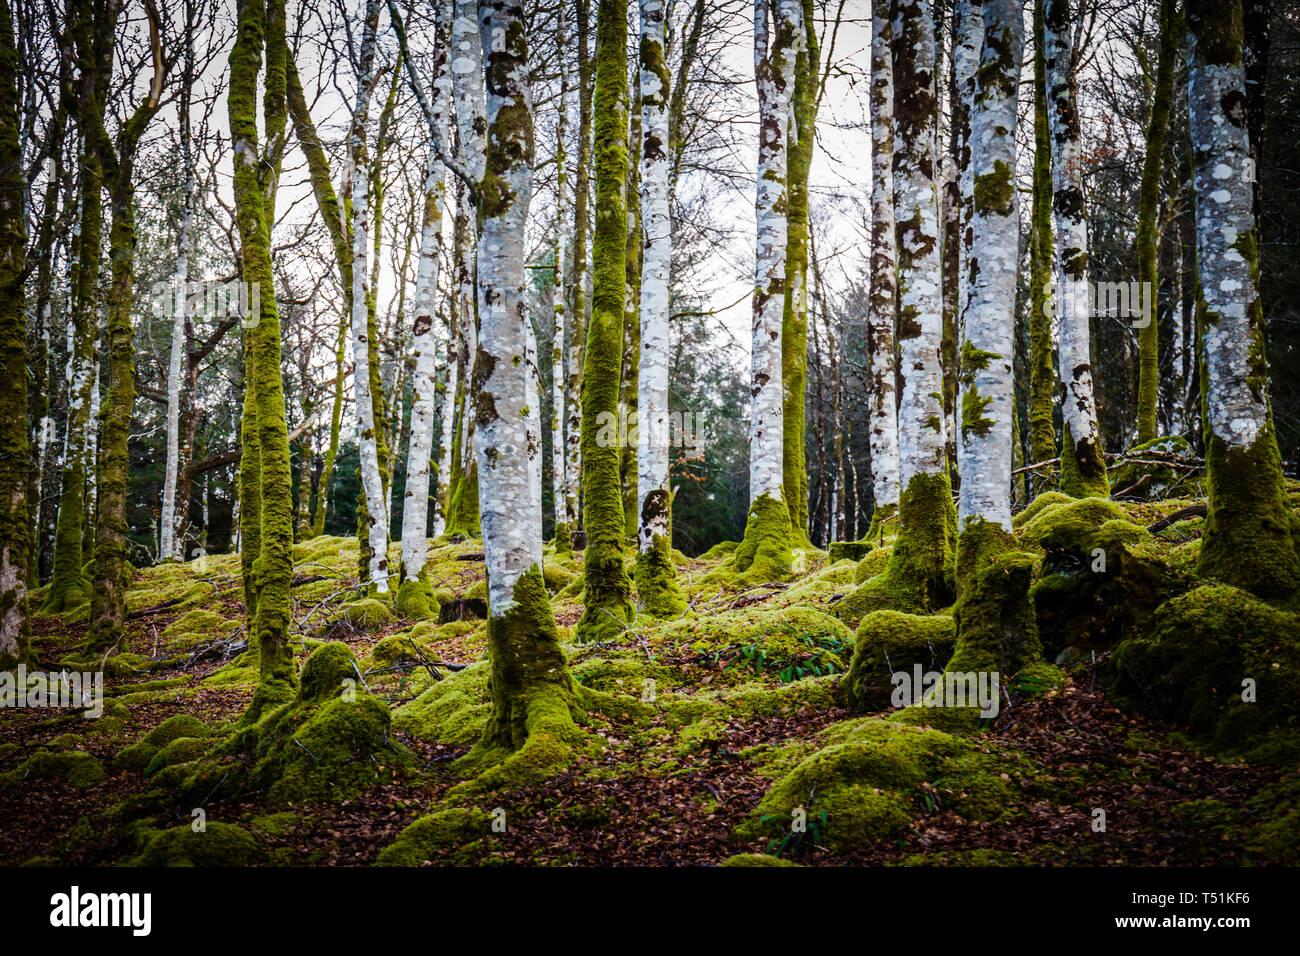 Birch woodland in Spring, Barcaldine, Oban, Scotland. - Stock Image